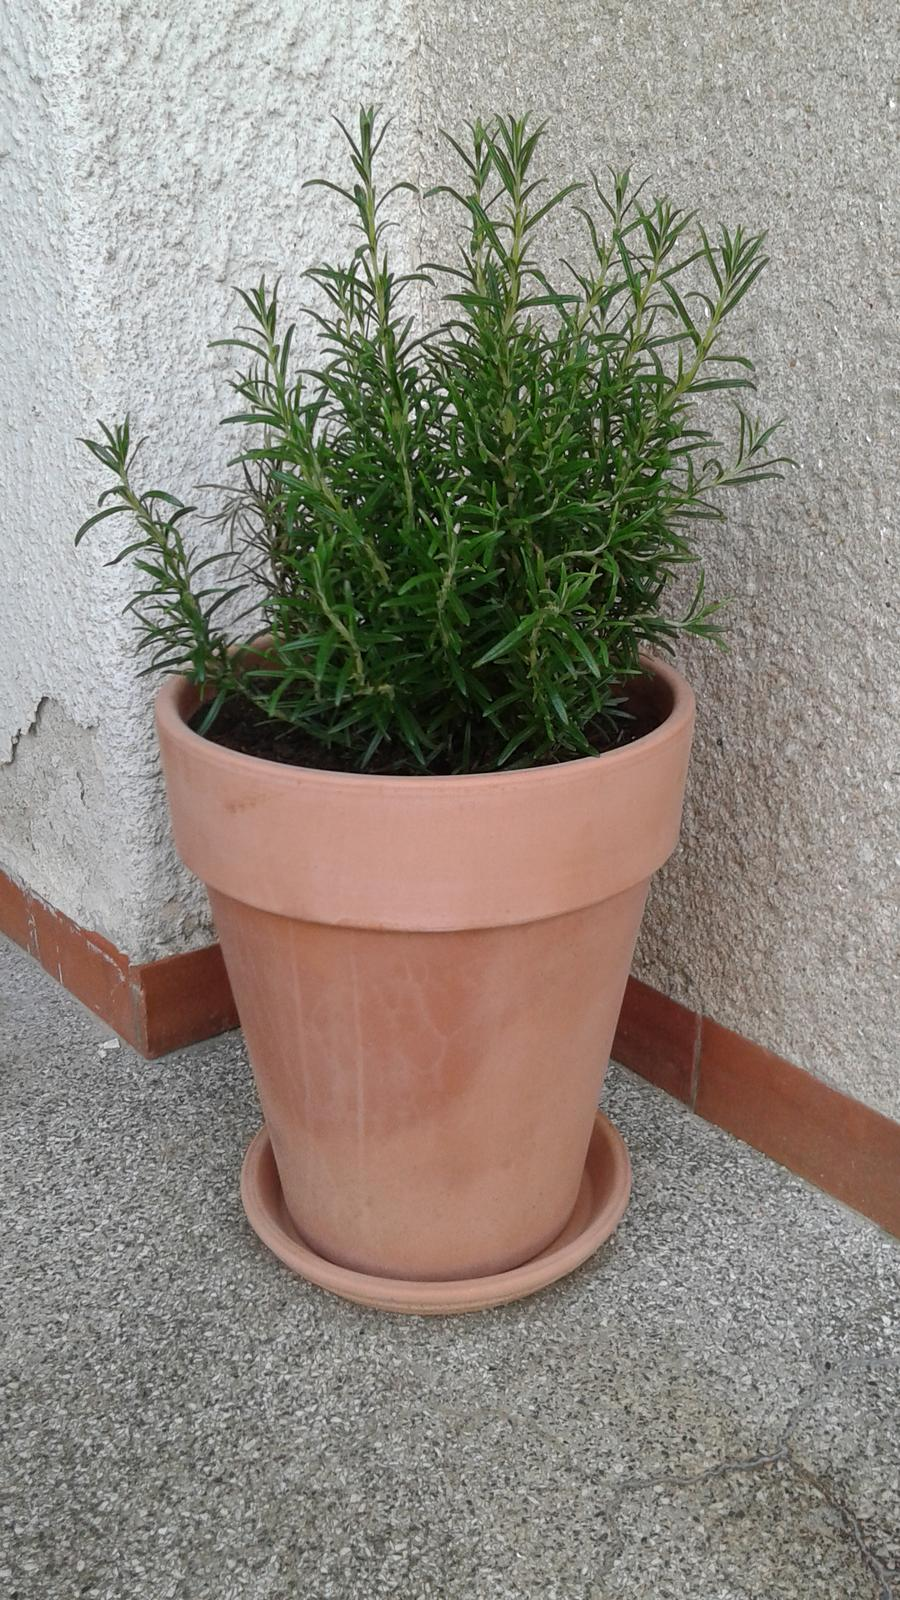 Zahrada od začátku - babička měla vždycky na schodech rozmarýn, tak je potřeba pokračovat v tradici :-)